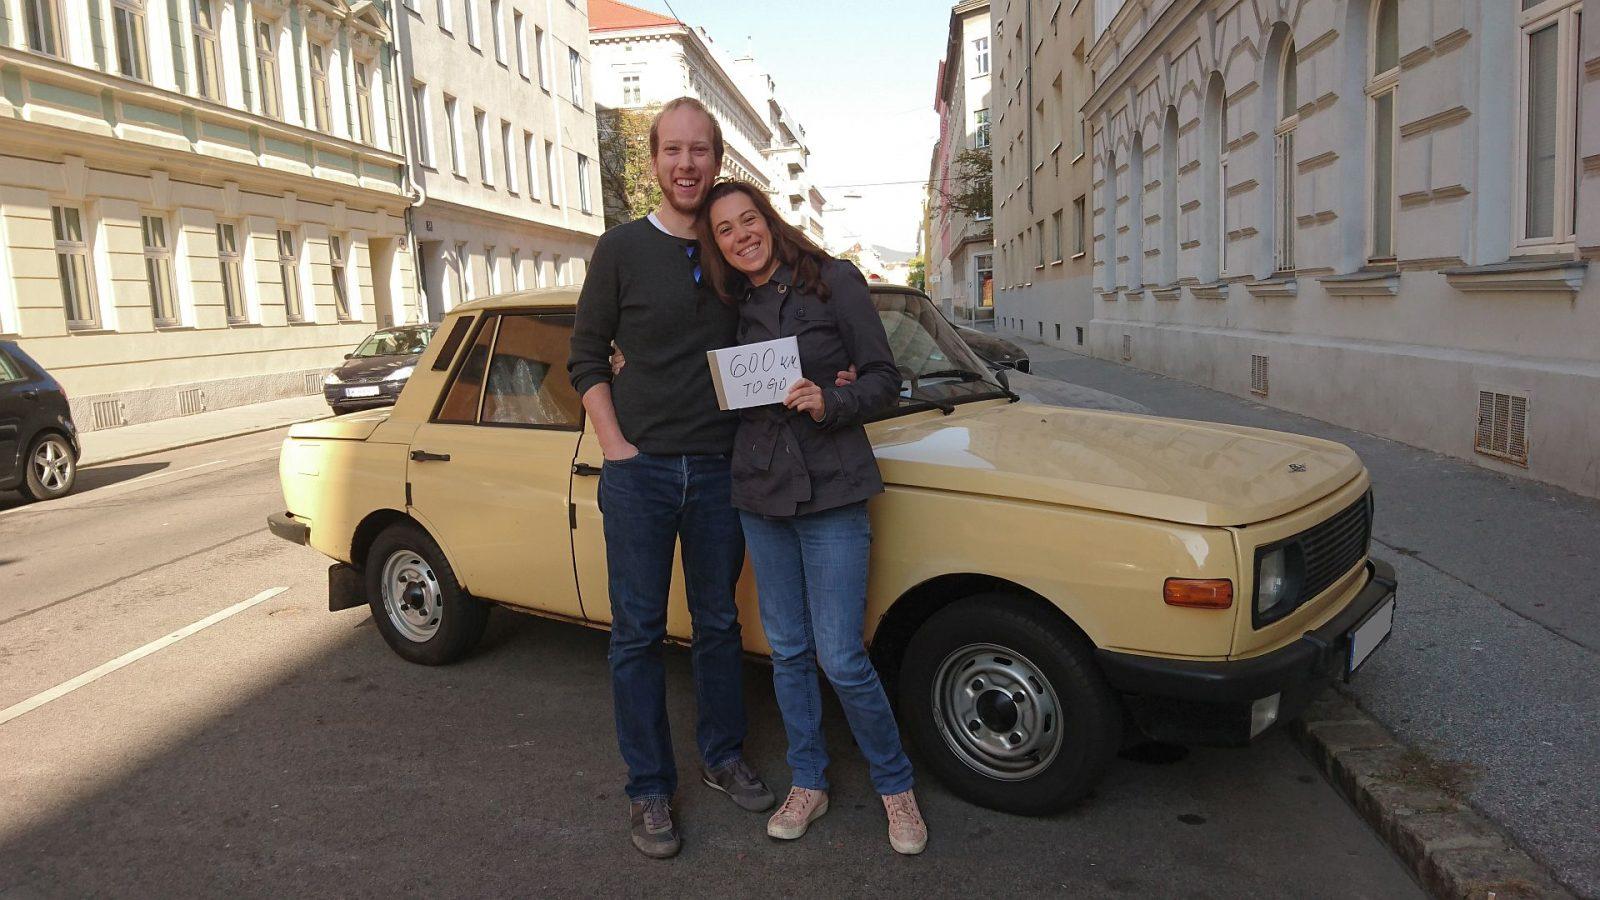 Aufbruch zur letzten Etappe in Wien, nur noch gut 600 km zu fahren